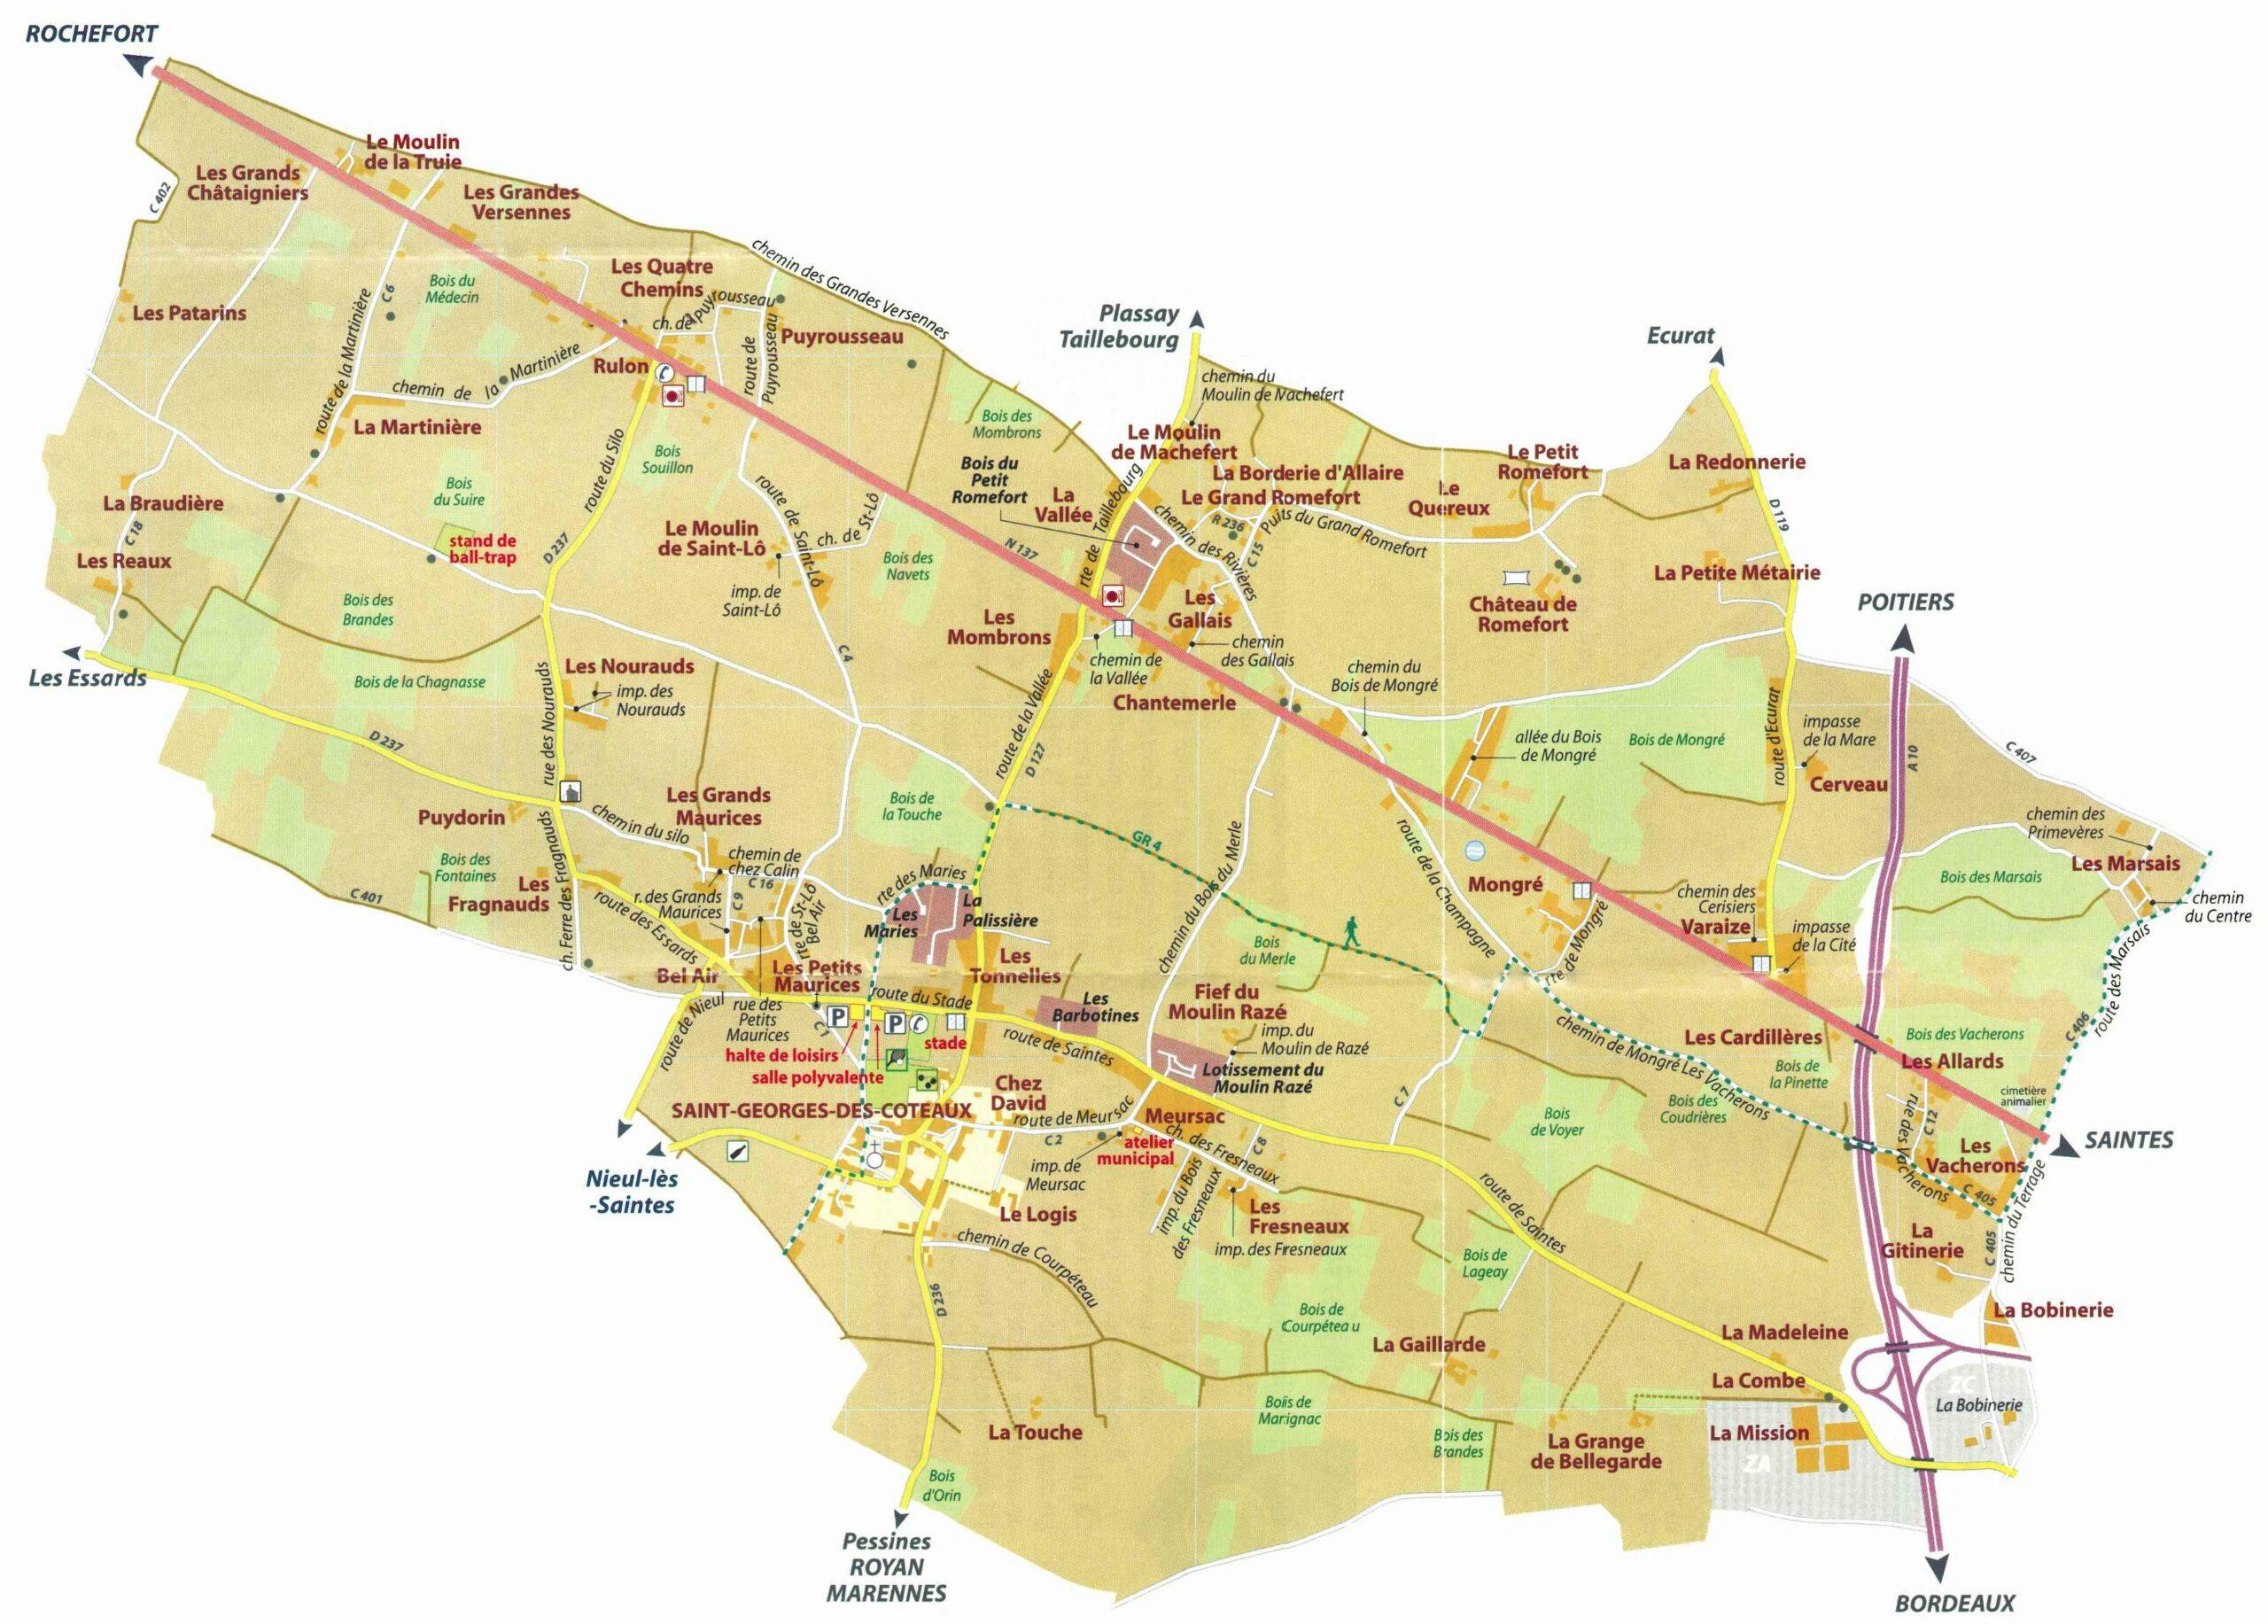 Association l'Avenir saint-georgeais Saint-Georges-des-Coteaux